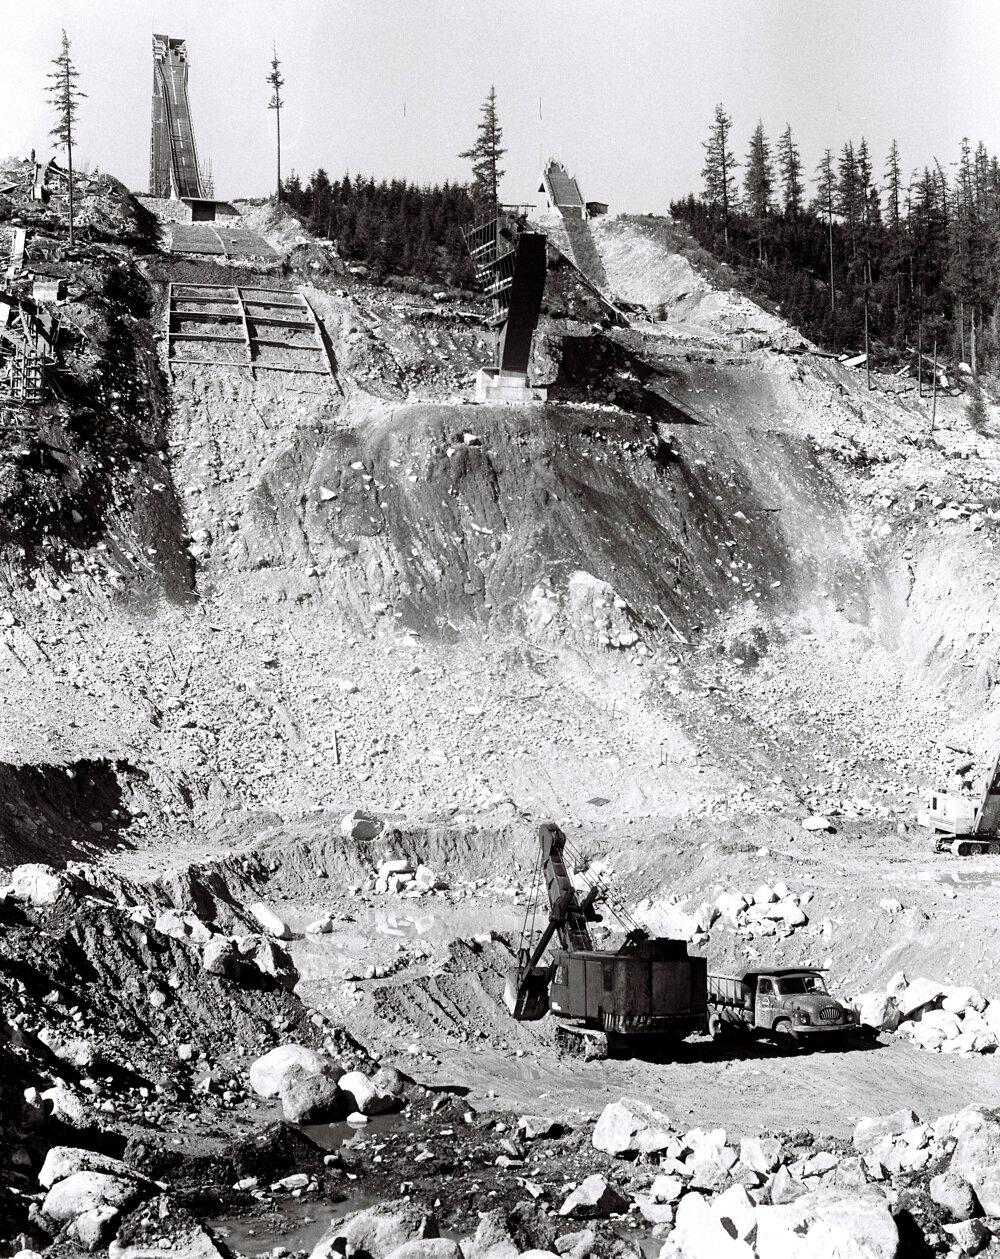 Pohľad na skokanské mostíky a rozostavaný Areál snov 15 mesiacov pred majstrovstvami sveta 1970 vo Vysokých Tatrách.